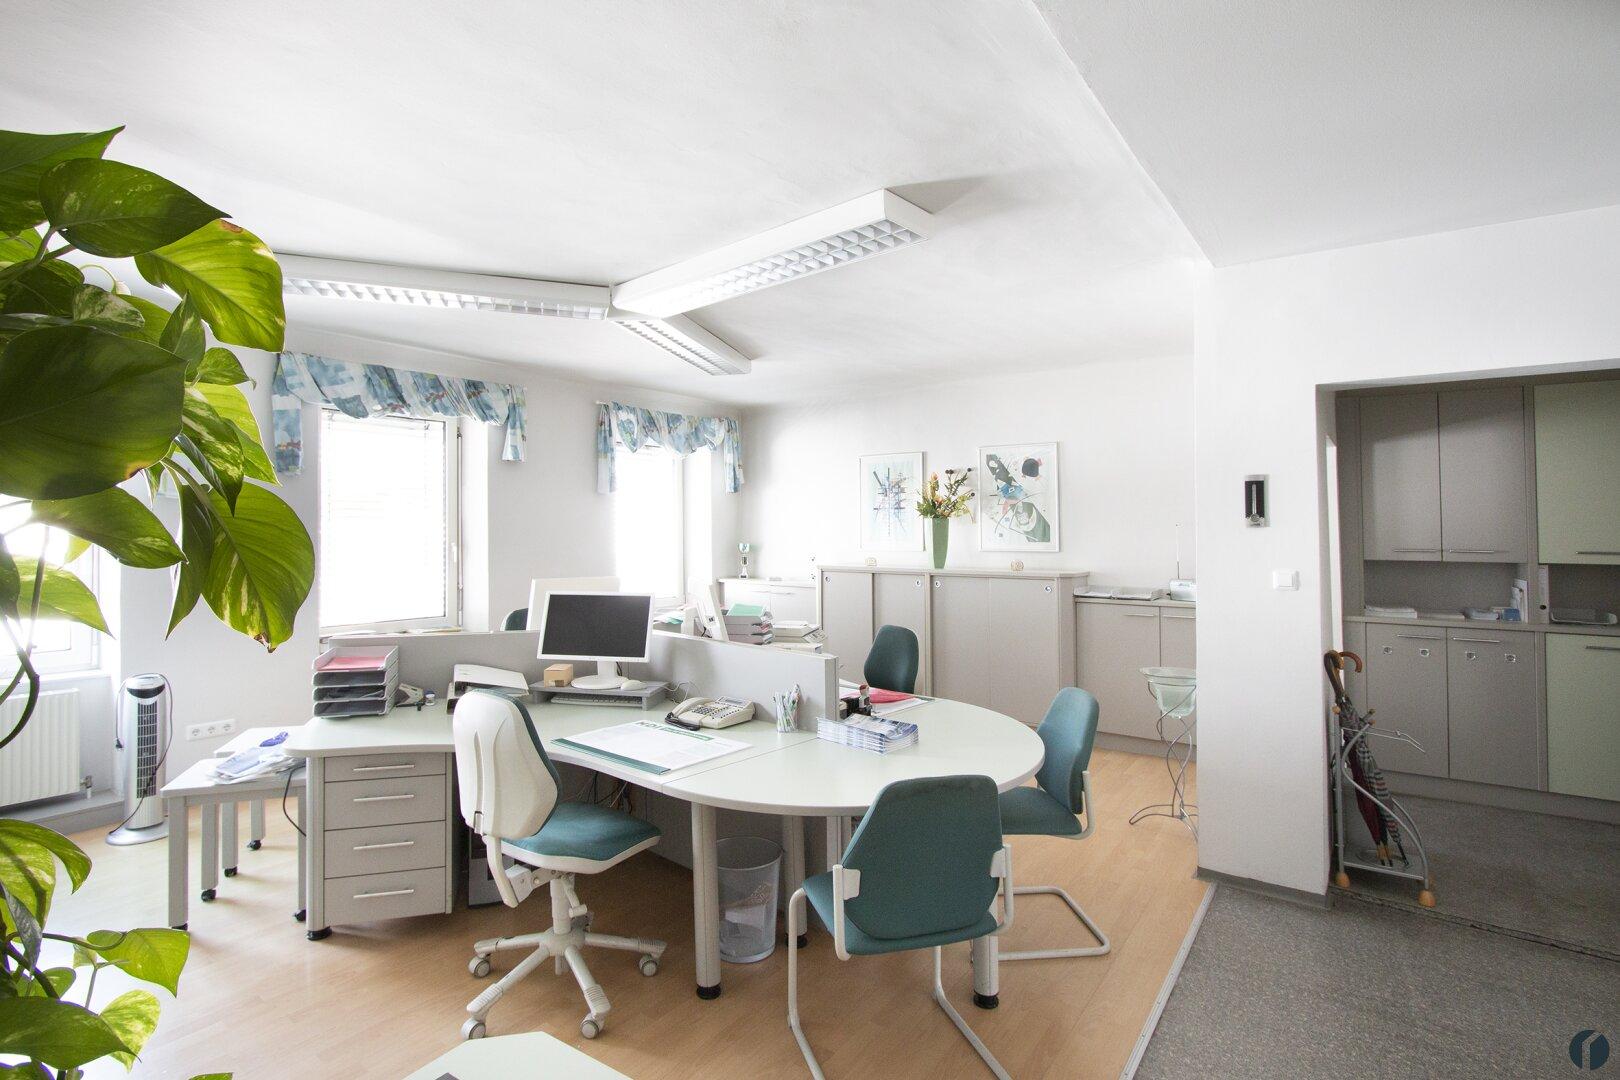 Büro 1 - Fotos von letzter Vermietung